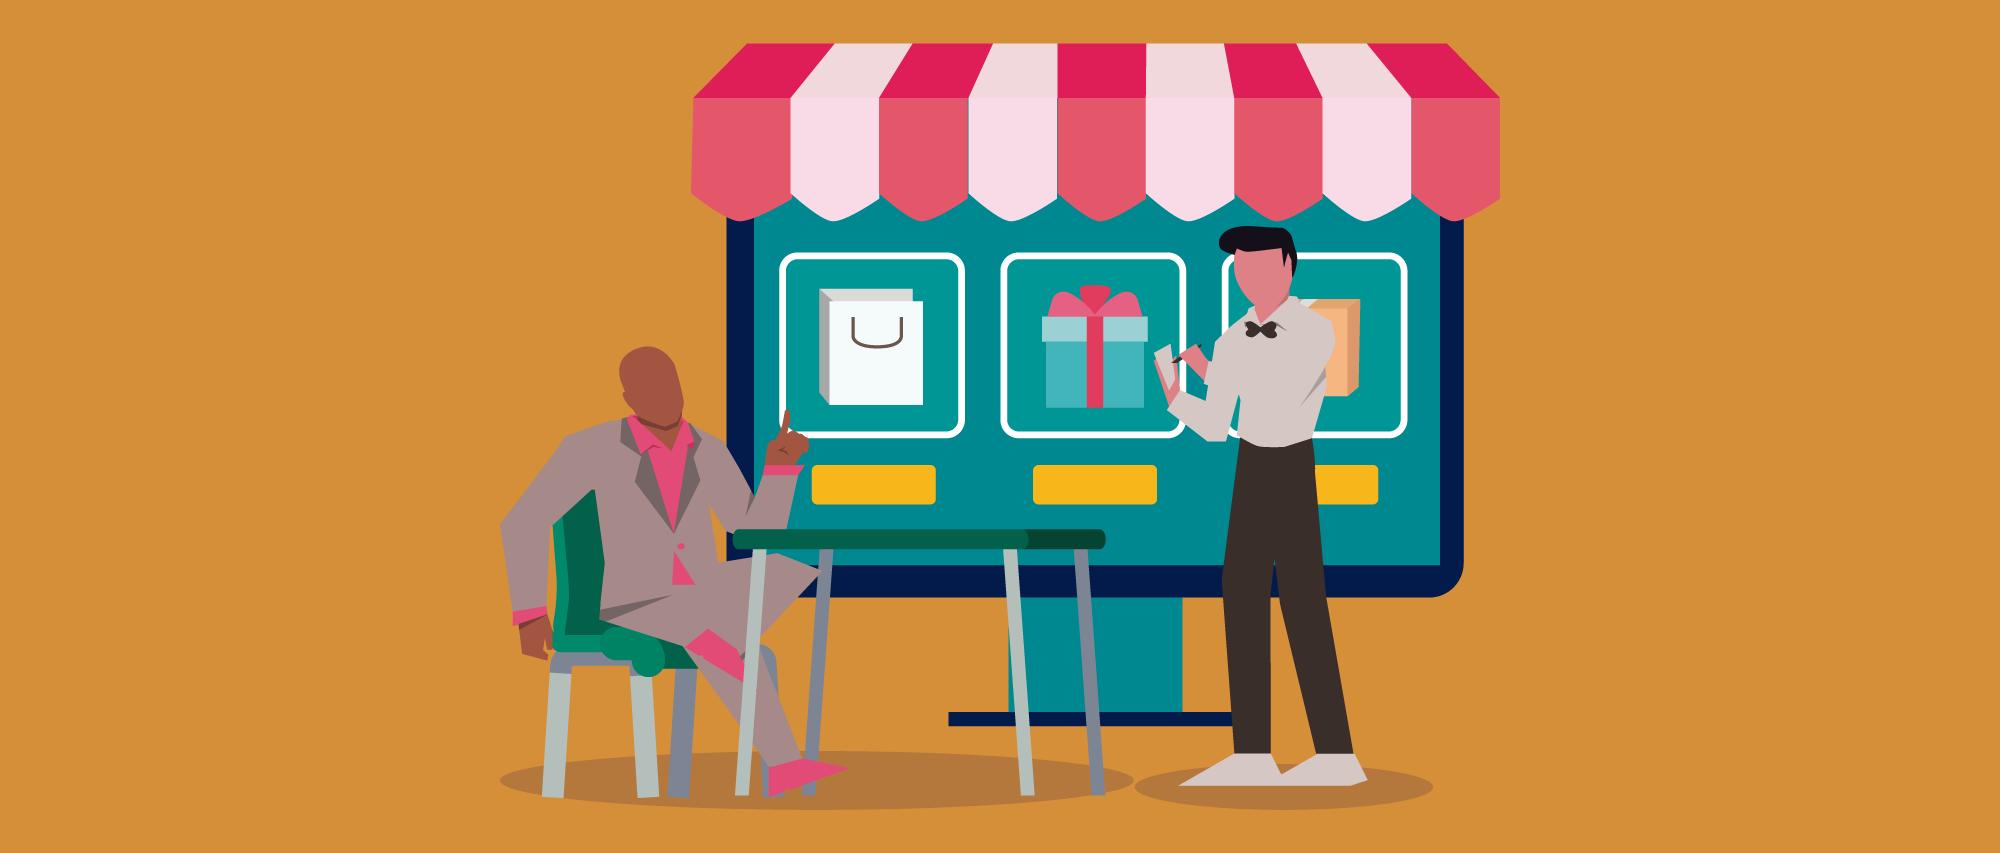 Marketing digital para pequenas empresas: Como ter bons resultados investindo pouco